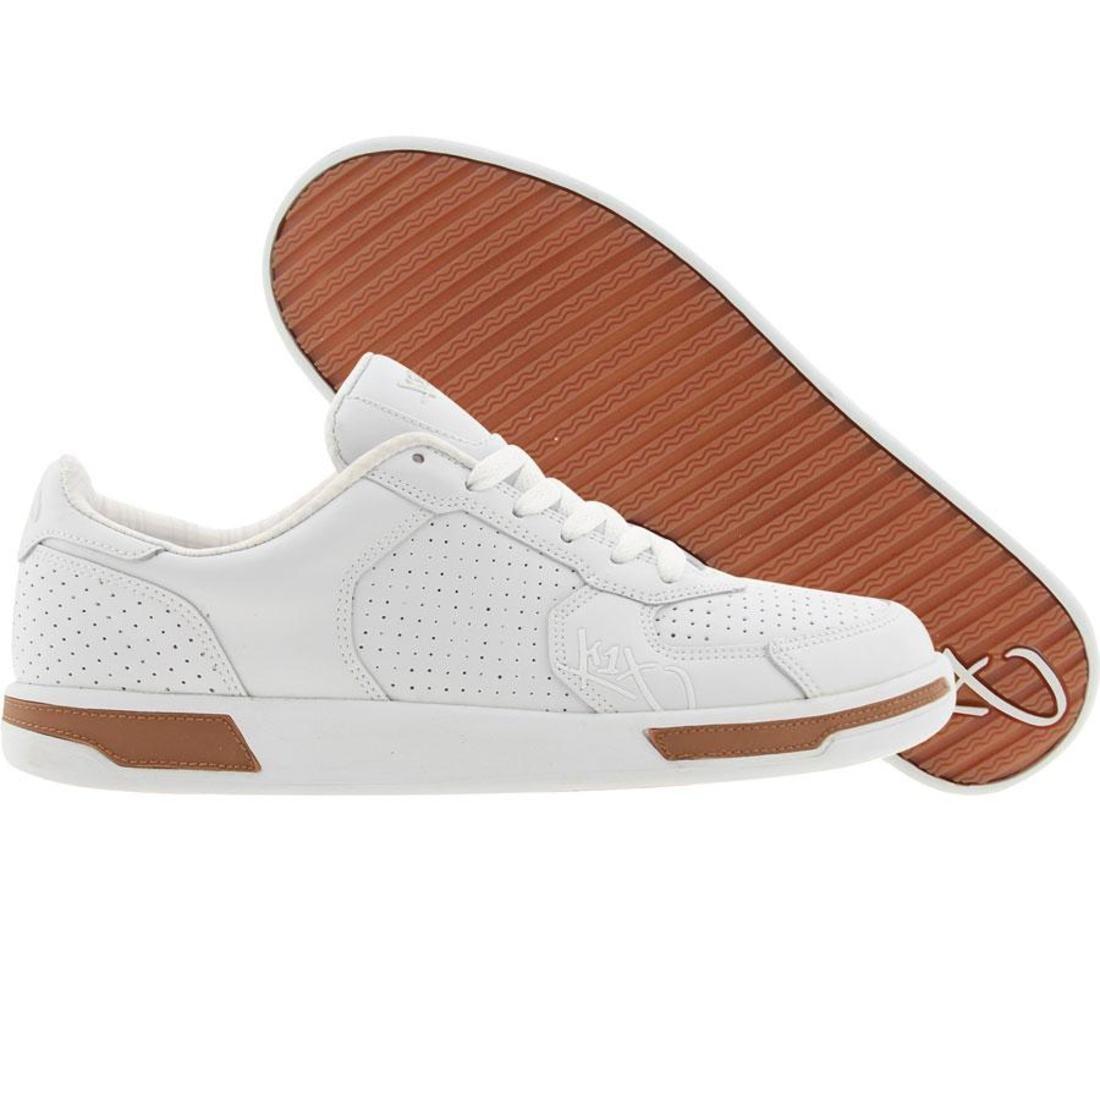 【海外限定】レイアップ 靴 メンズ靴 【 K1X LAZY LAYUP WHITE GUM 】